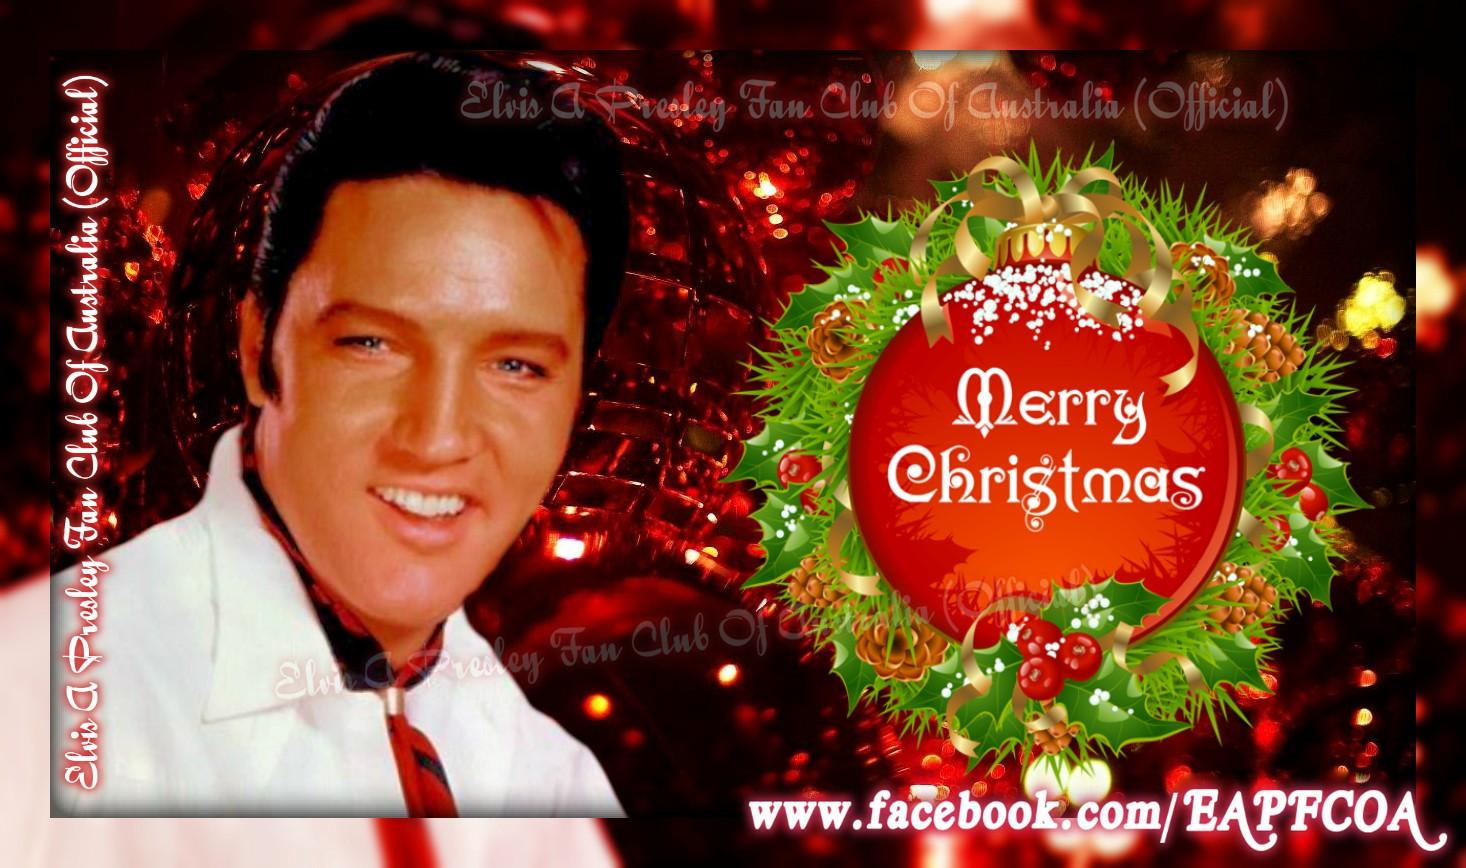 Elvis fan creation